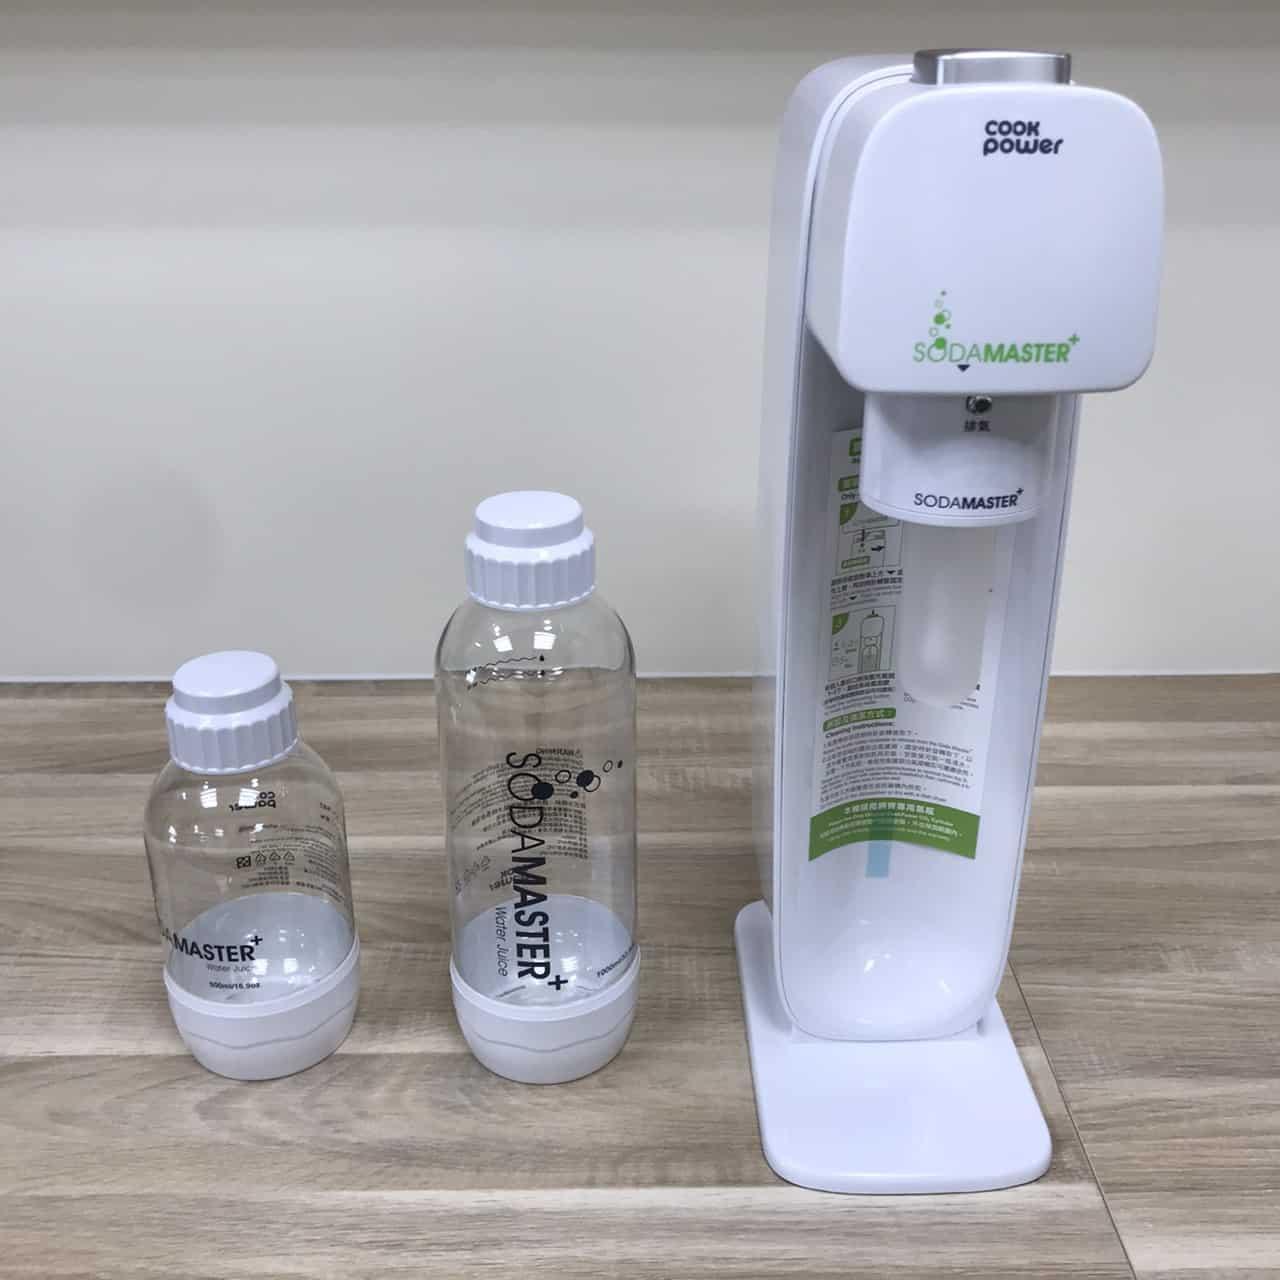 鍋寶氣泡水機本體